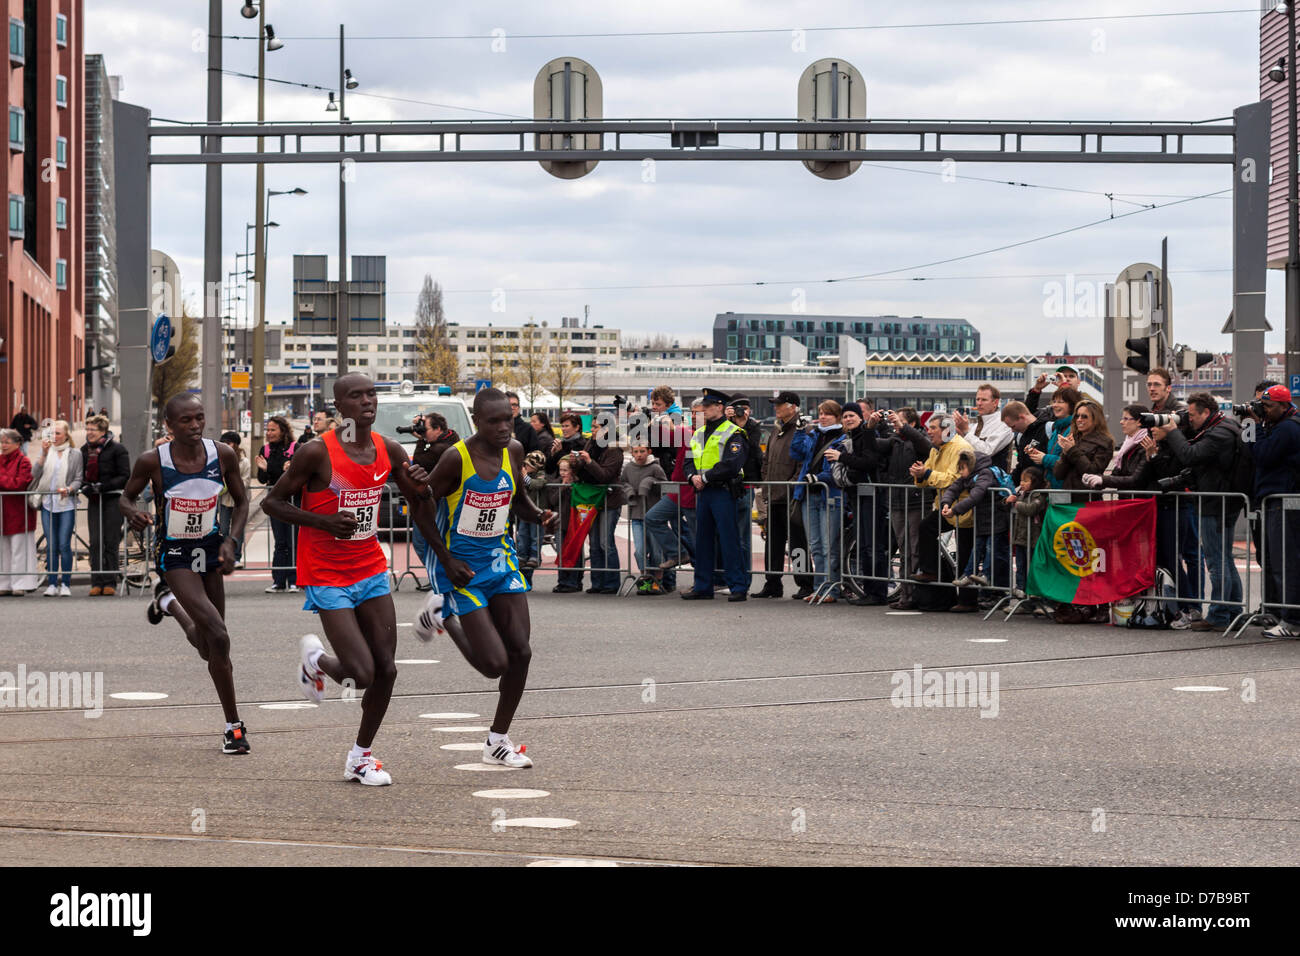 Three marathon runners in Rotterdam, The Netherlands - Stock Image